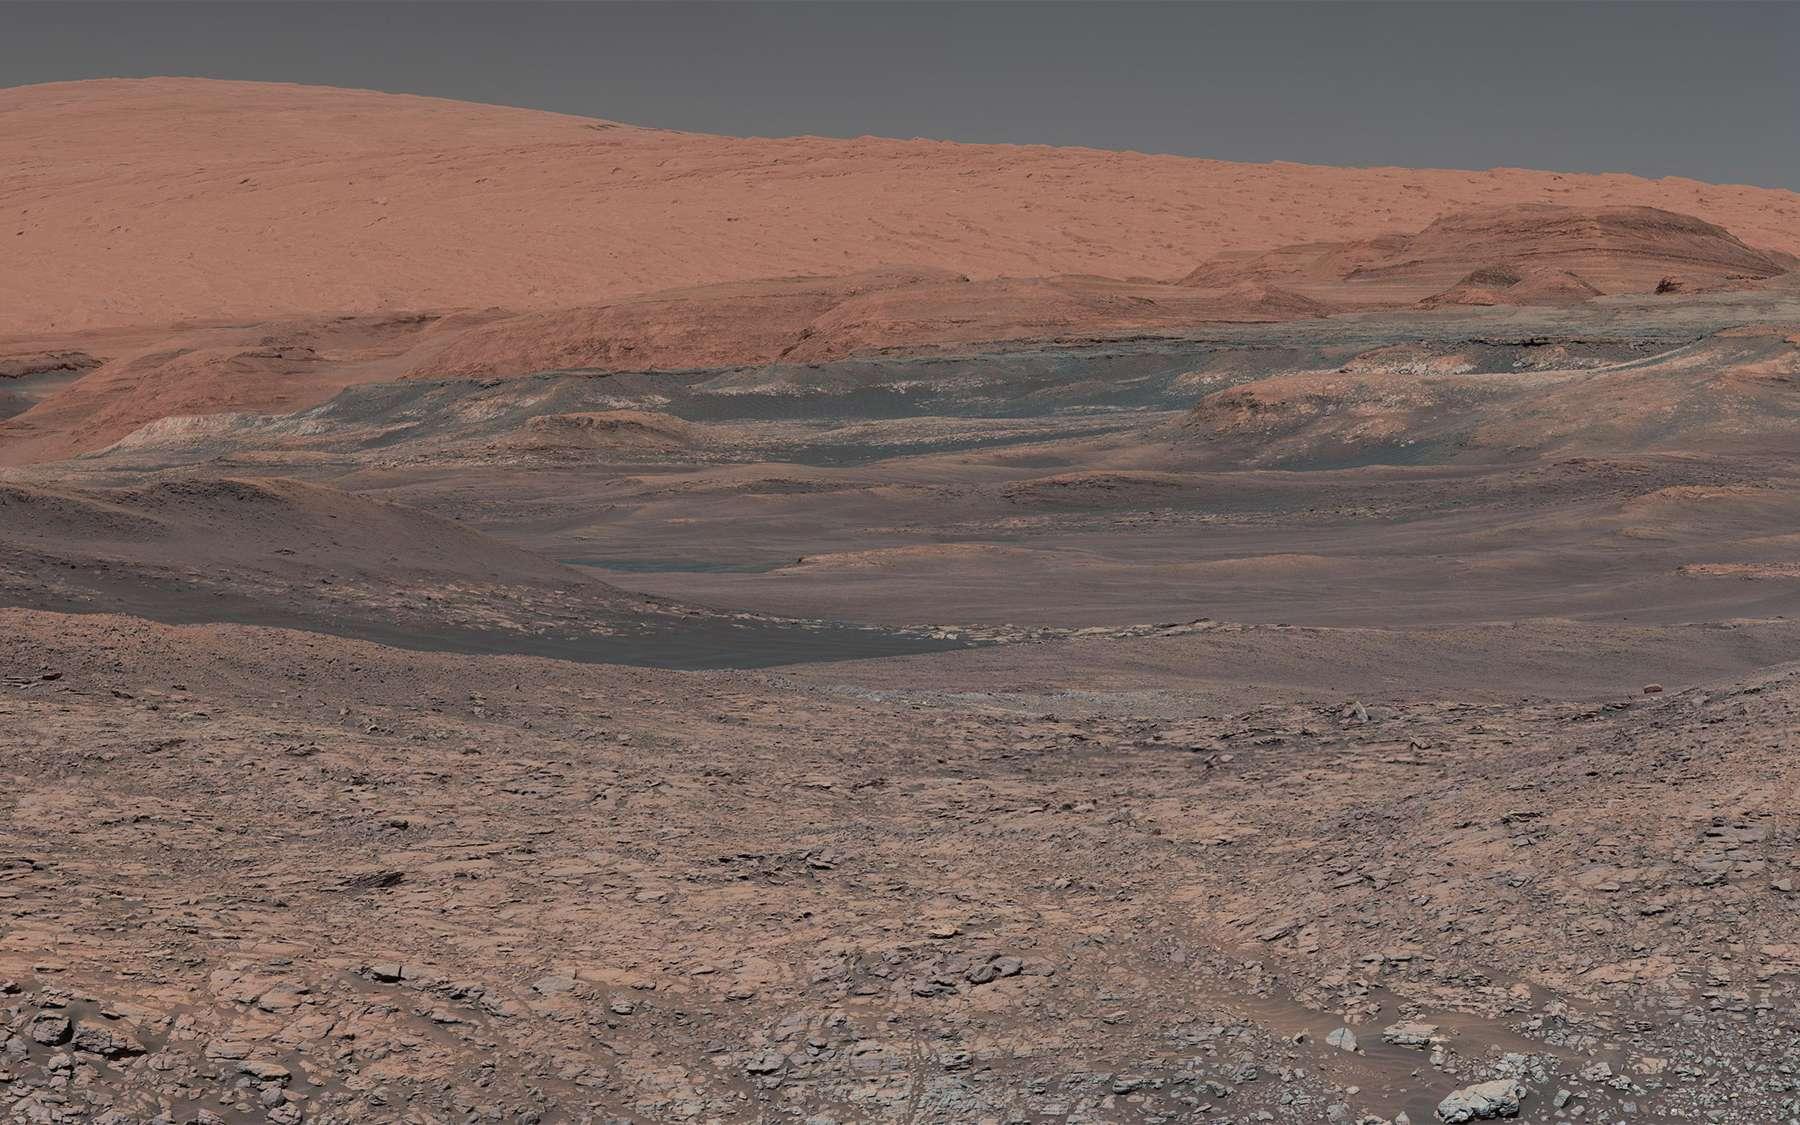 Le mont Sharp photographié par Curiosity. © Nasa, JPL-Caltech, MSSS